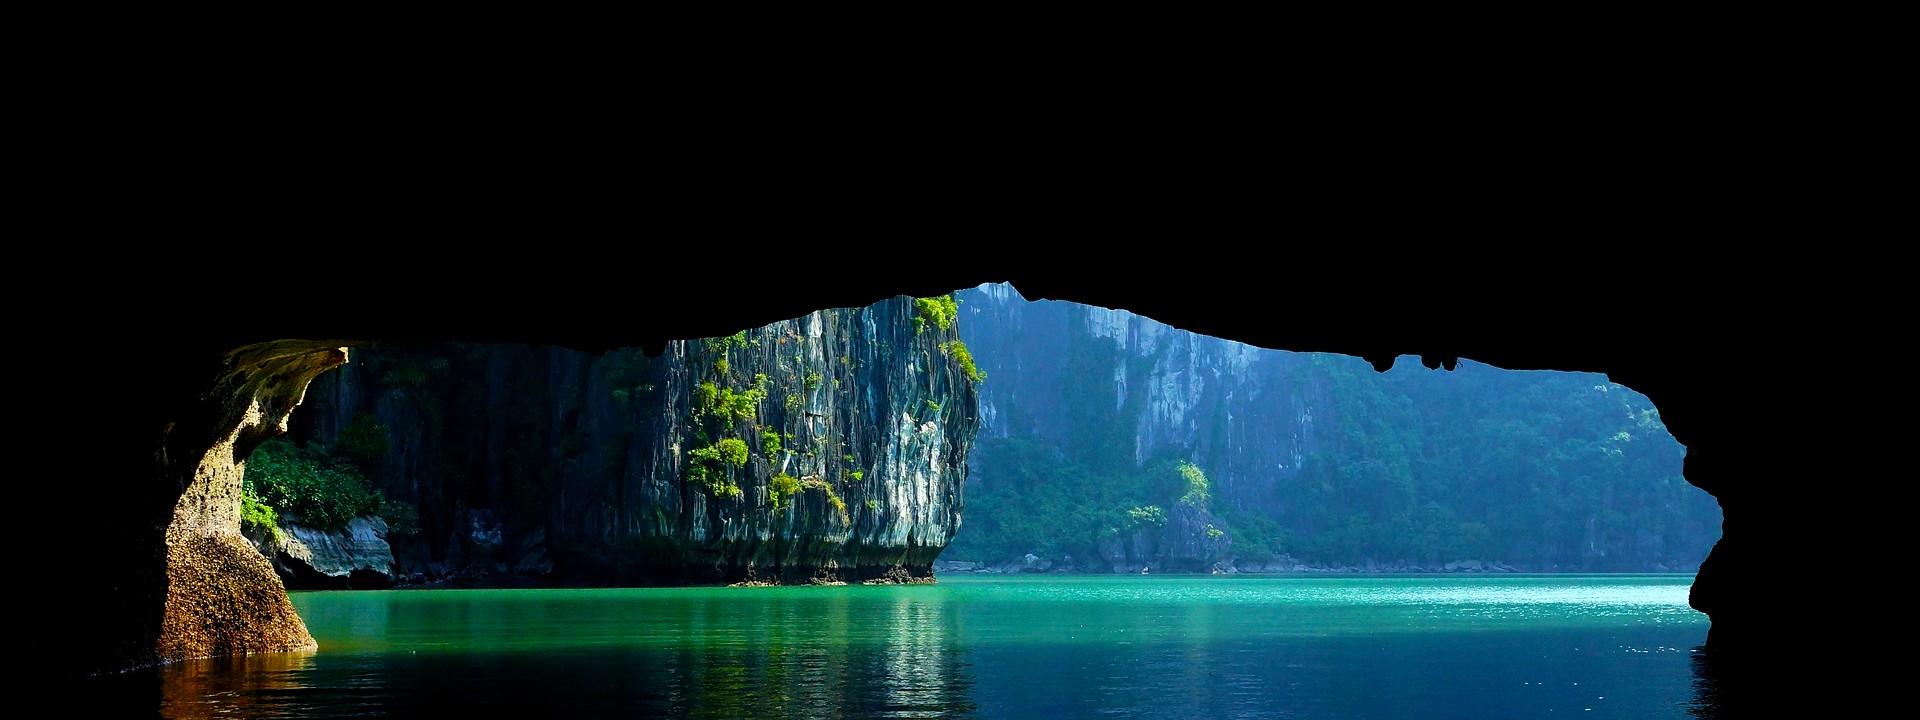 Huong Hai Junk Cruise 3 days